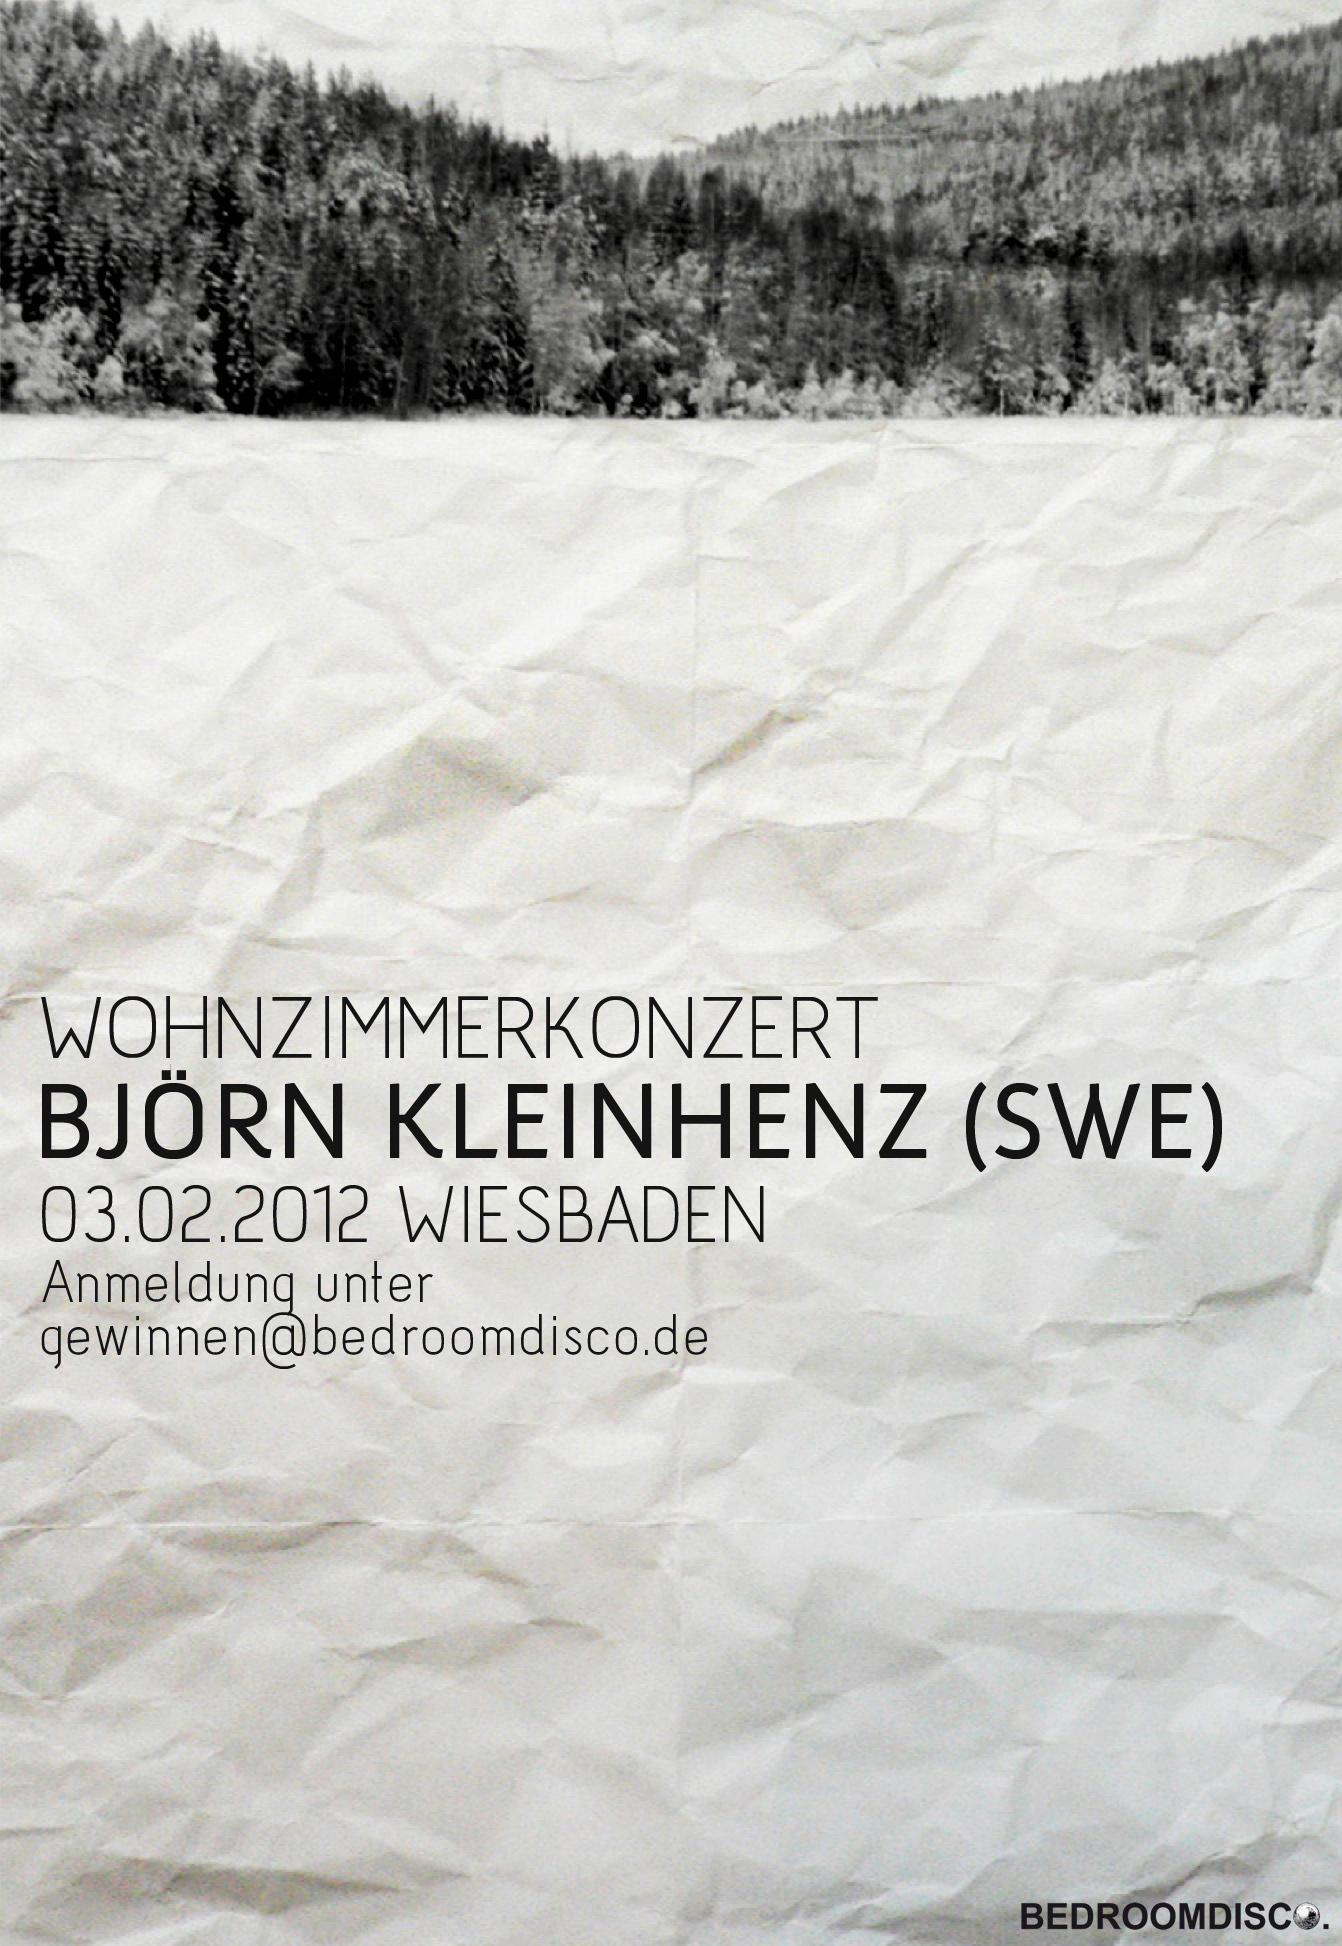 Wohnzimmerkonzert #5 - Björn Kleinhenz